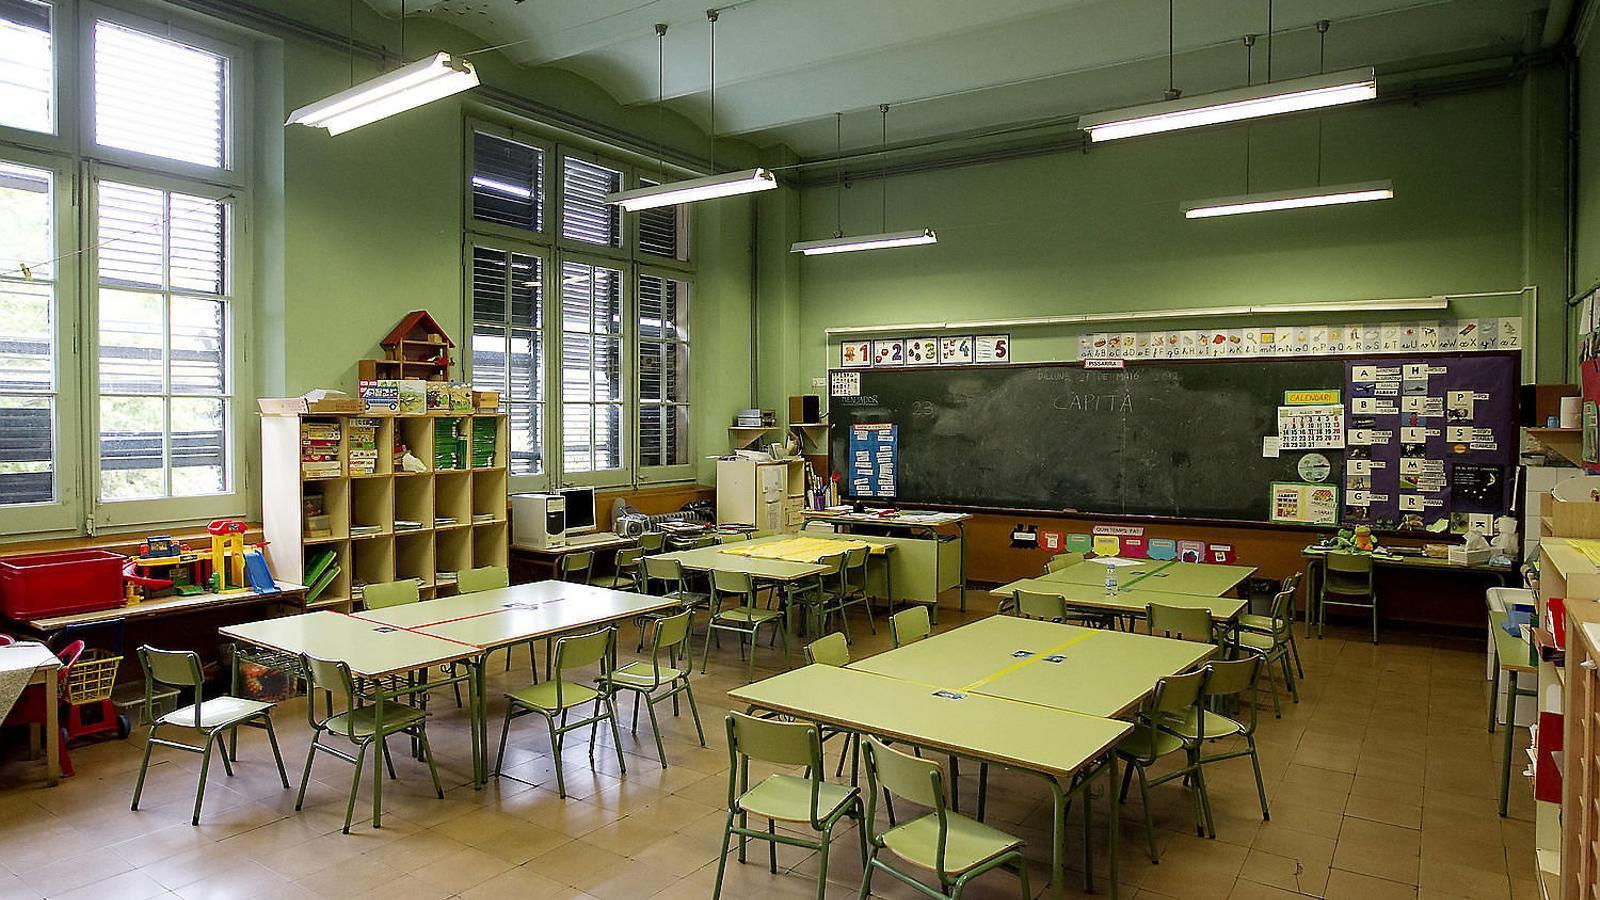 Sant Antoni tindrà escolarització equitativa.